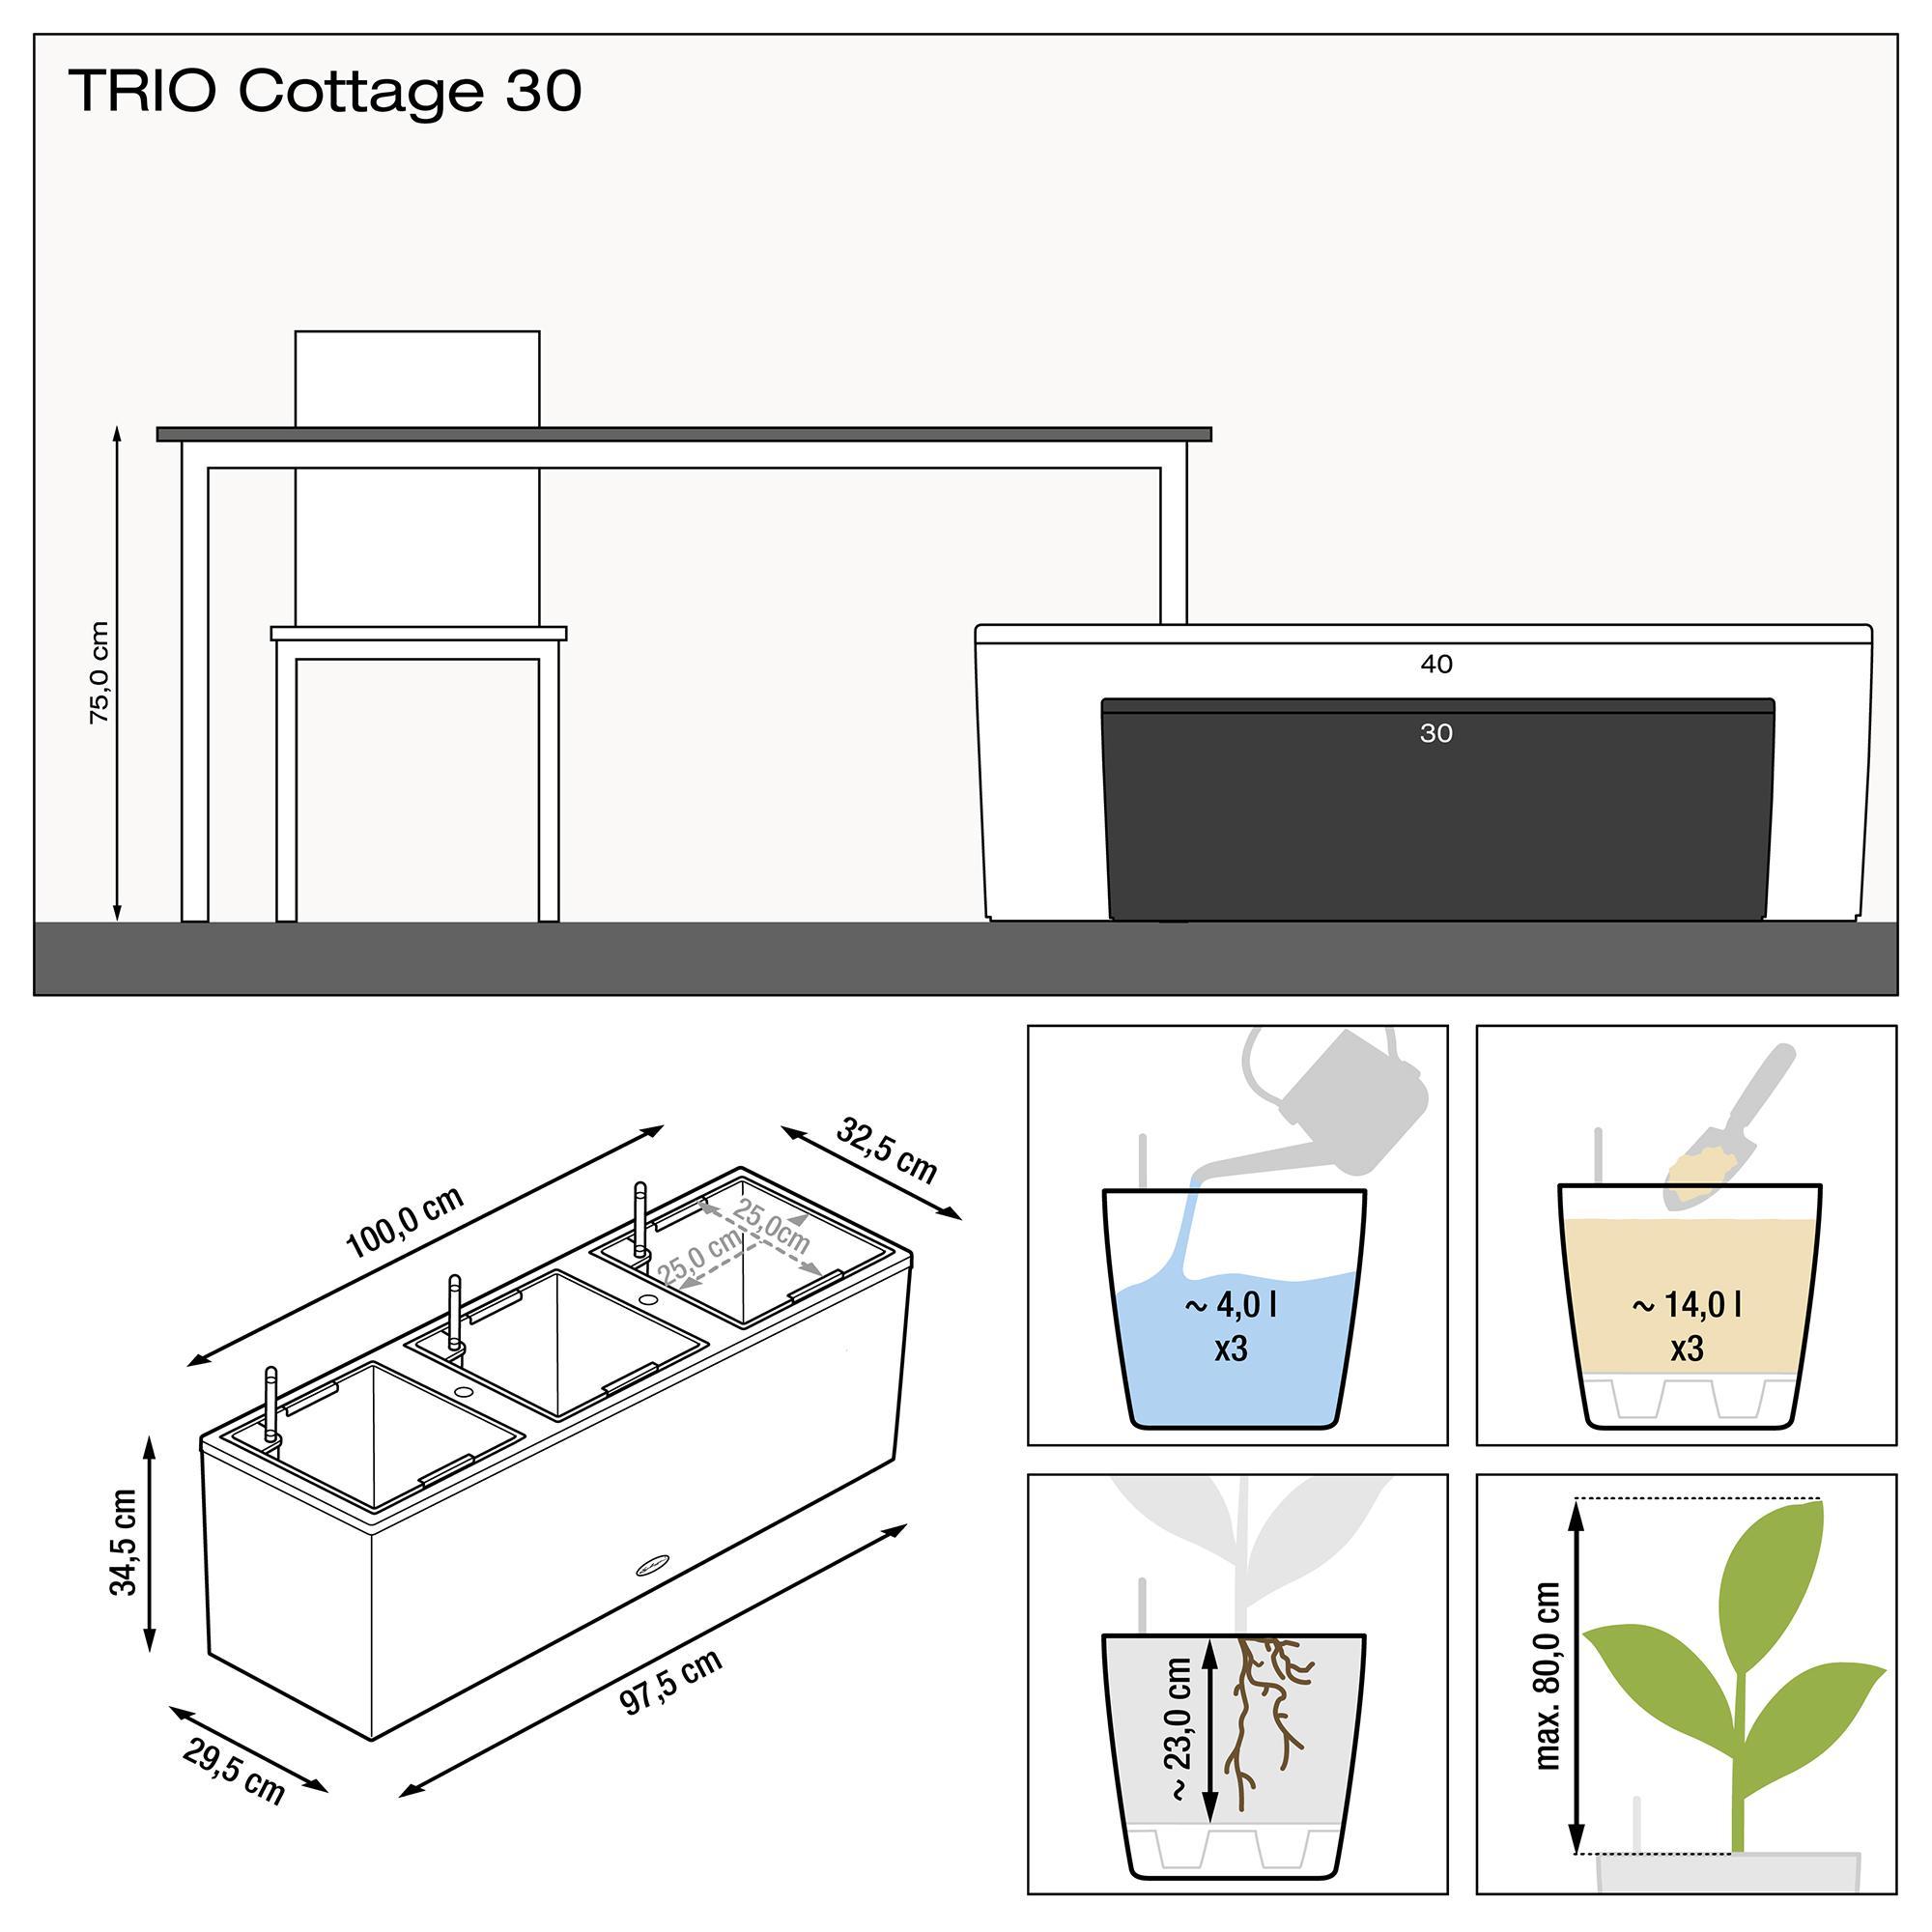 TRIO Cottage 30 granit - Image 3